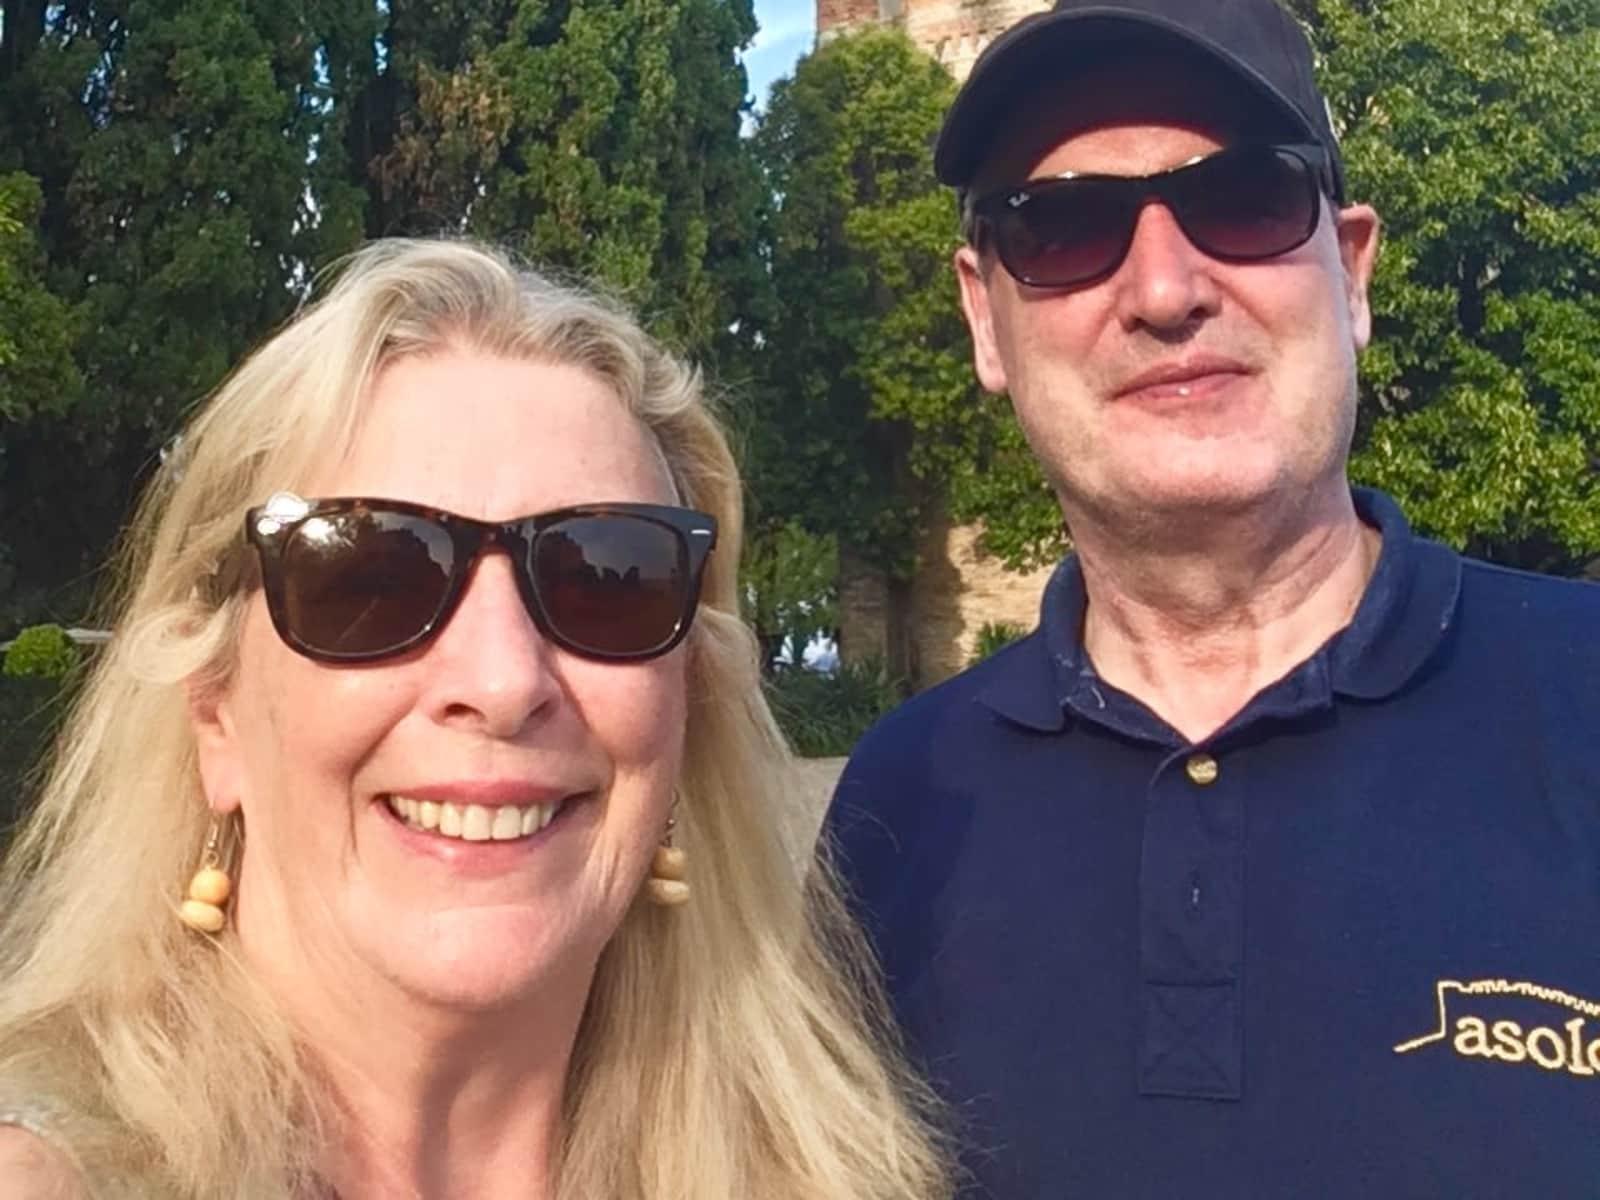 Julie & Gerry from Dublin, Ireland